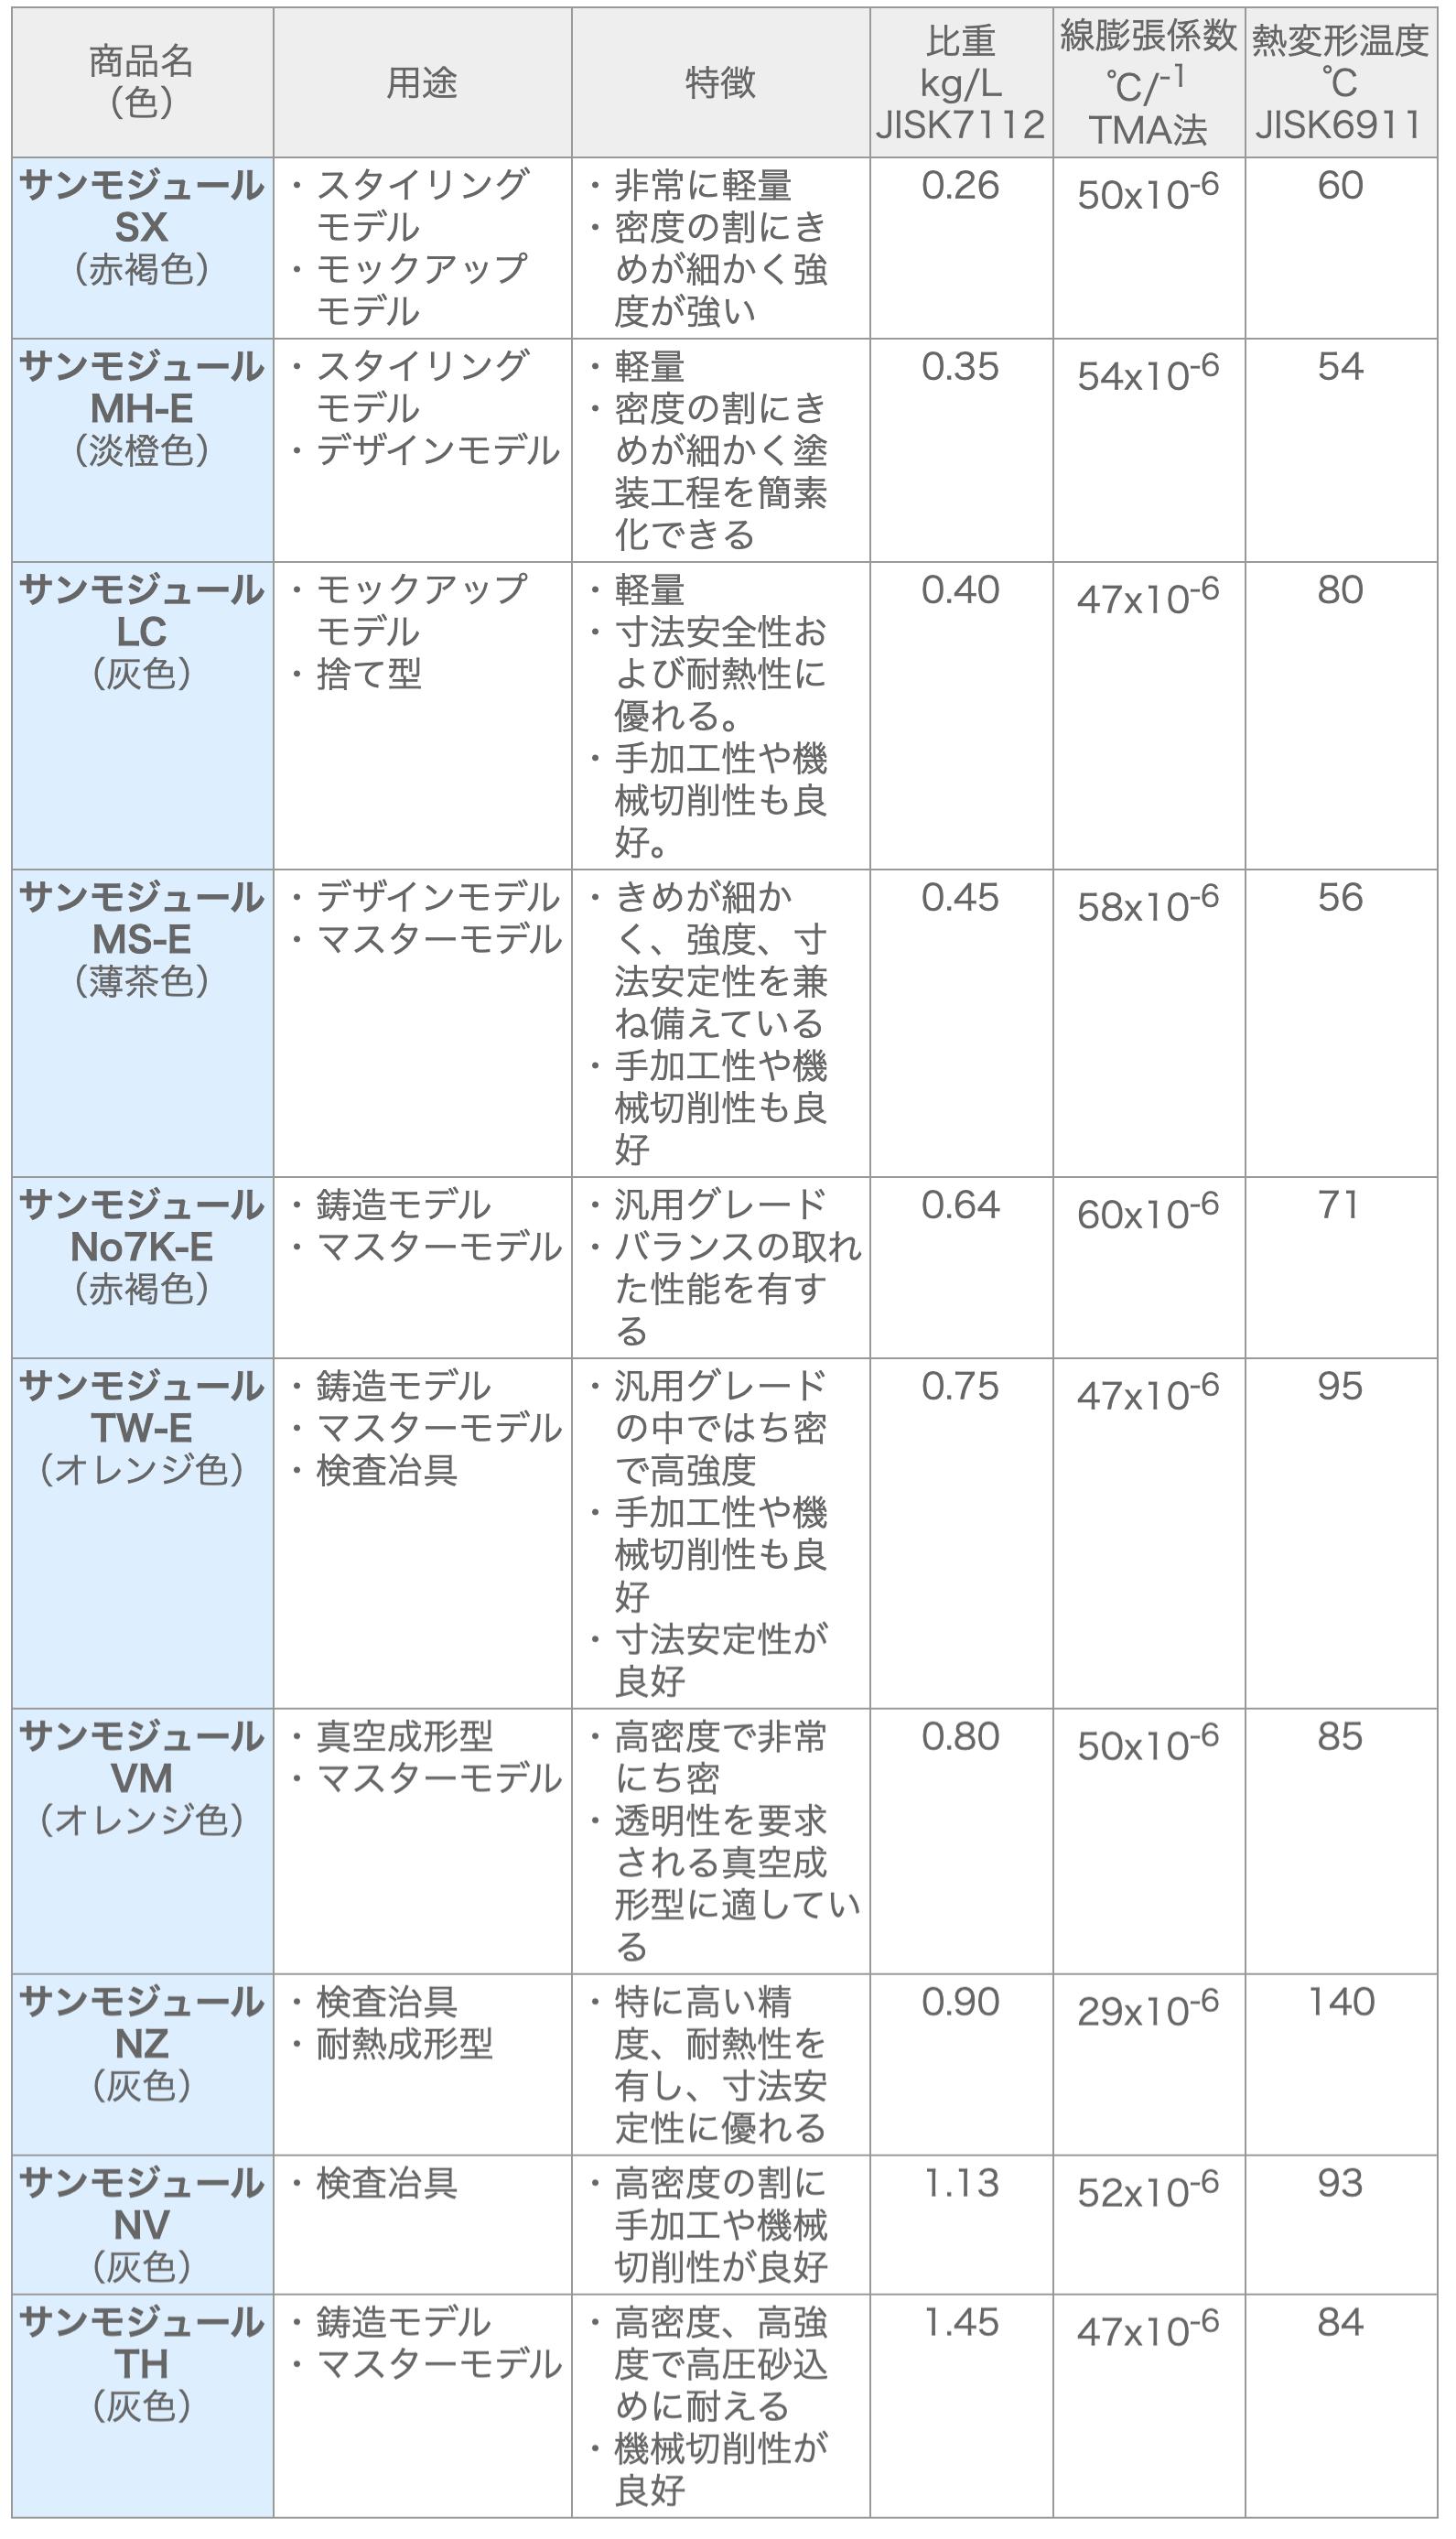 マシナブルボード 三洋化成工業 「サンモジュール」